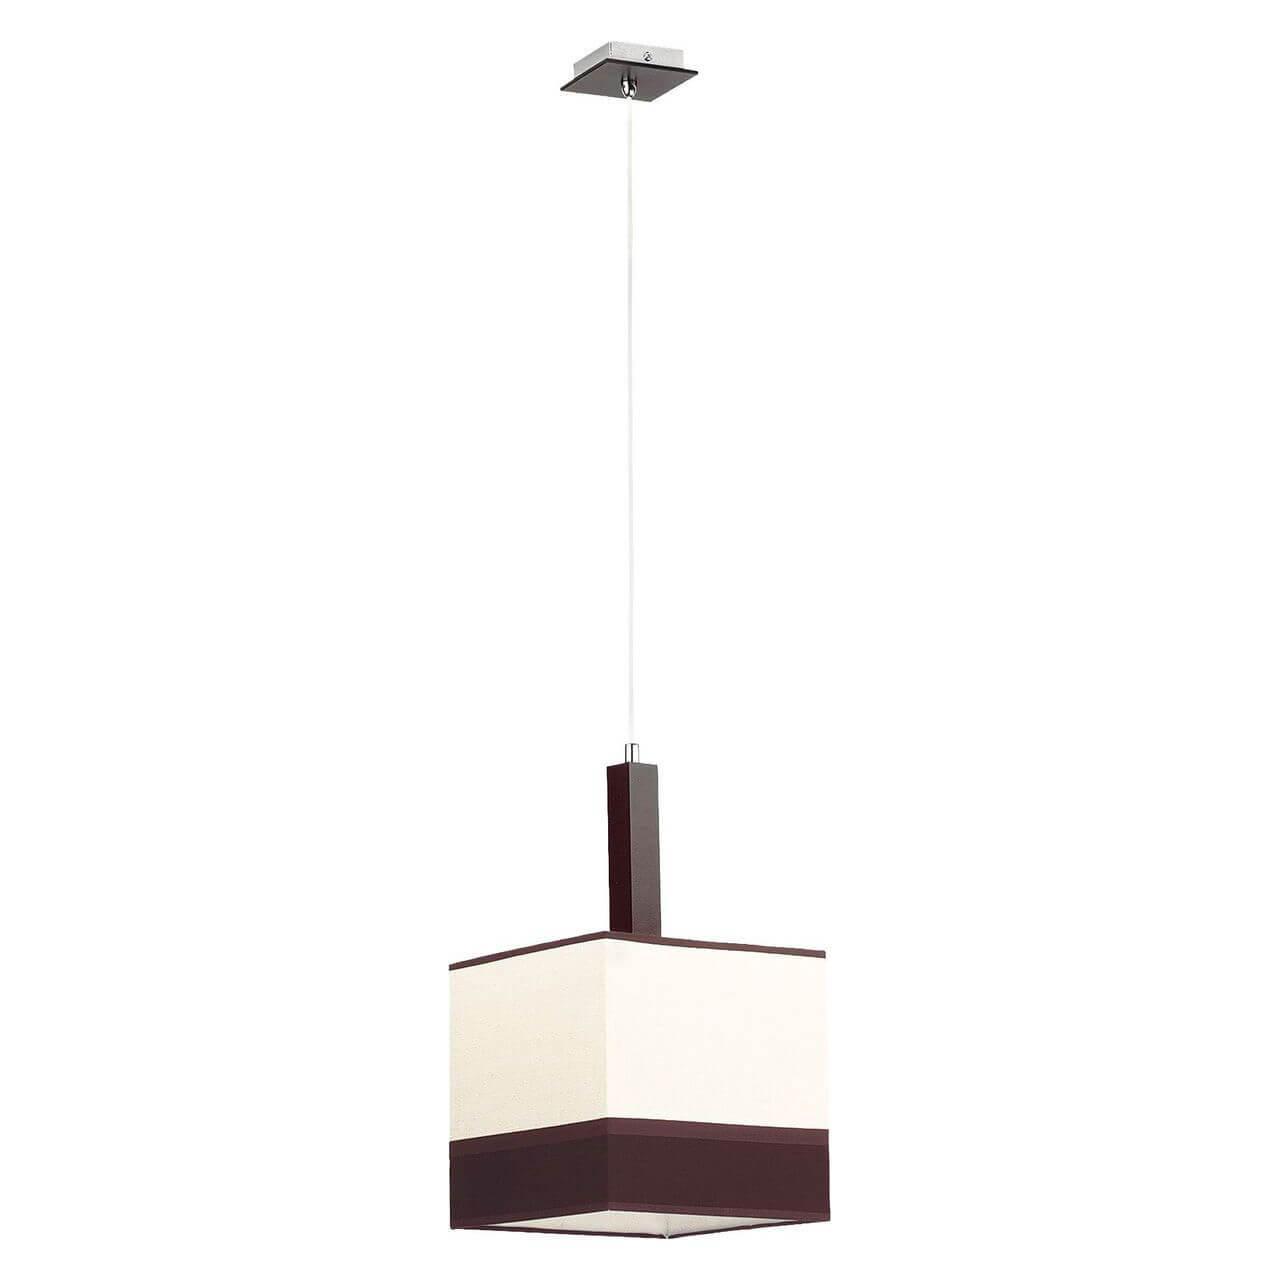 купить Подвесной светильник Alfa 12031, E27, 60 Вт по цене 3493 рублей